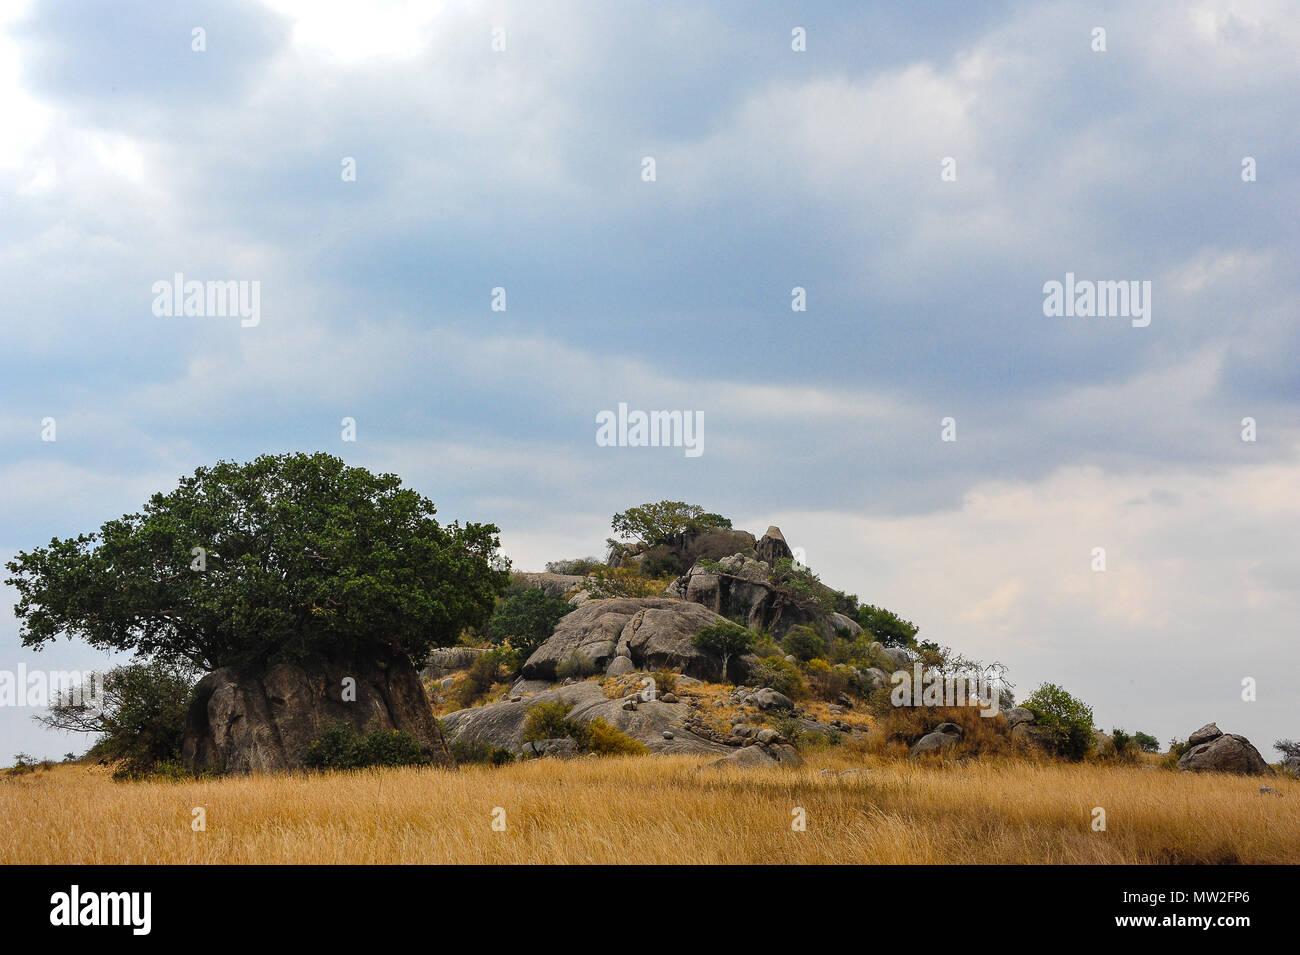 Bellissimo paesaggio del Serengeti. Un kopje roccioso sorge nella prateria dorata con il grigio nuvole temporalesche tettuccio Immagini Stock